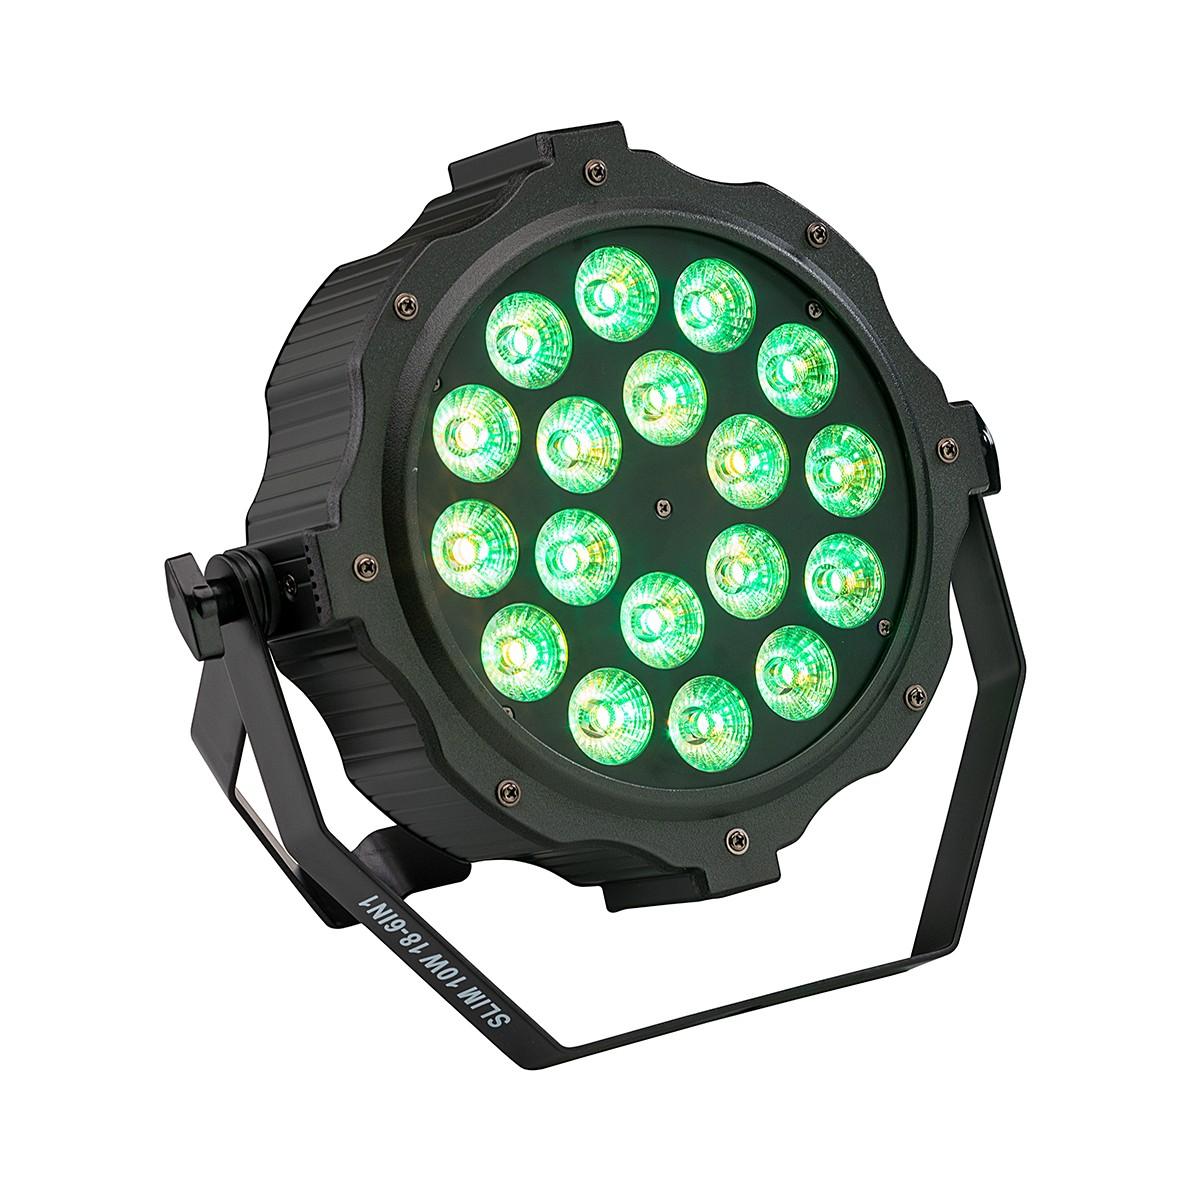 PROIETTORE A LED SOUNDSATION SESTETTO 1018 SLIM RGBWAV 6IN1